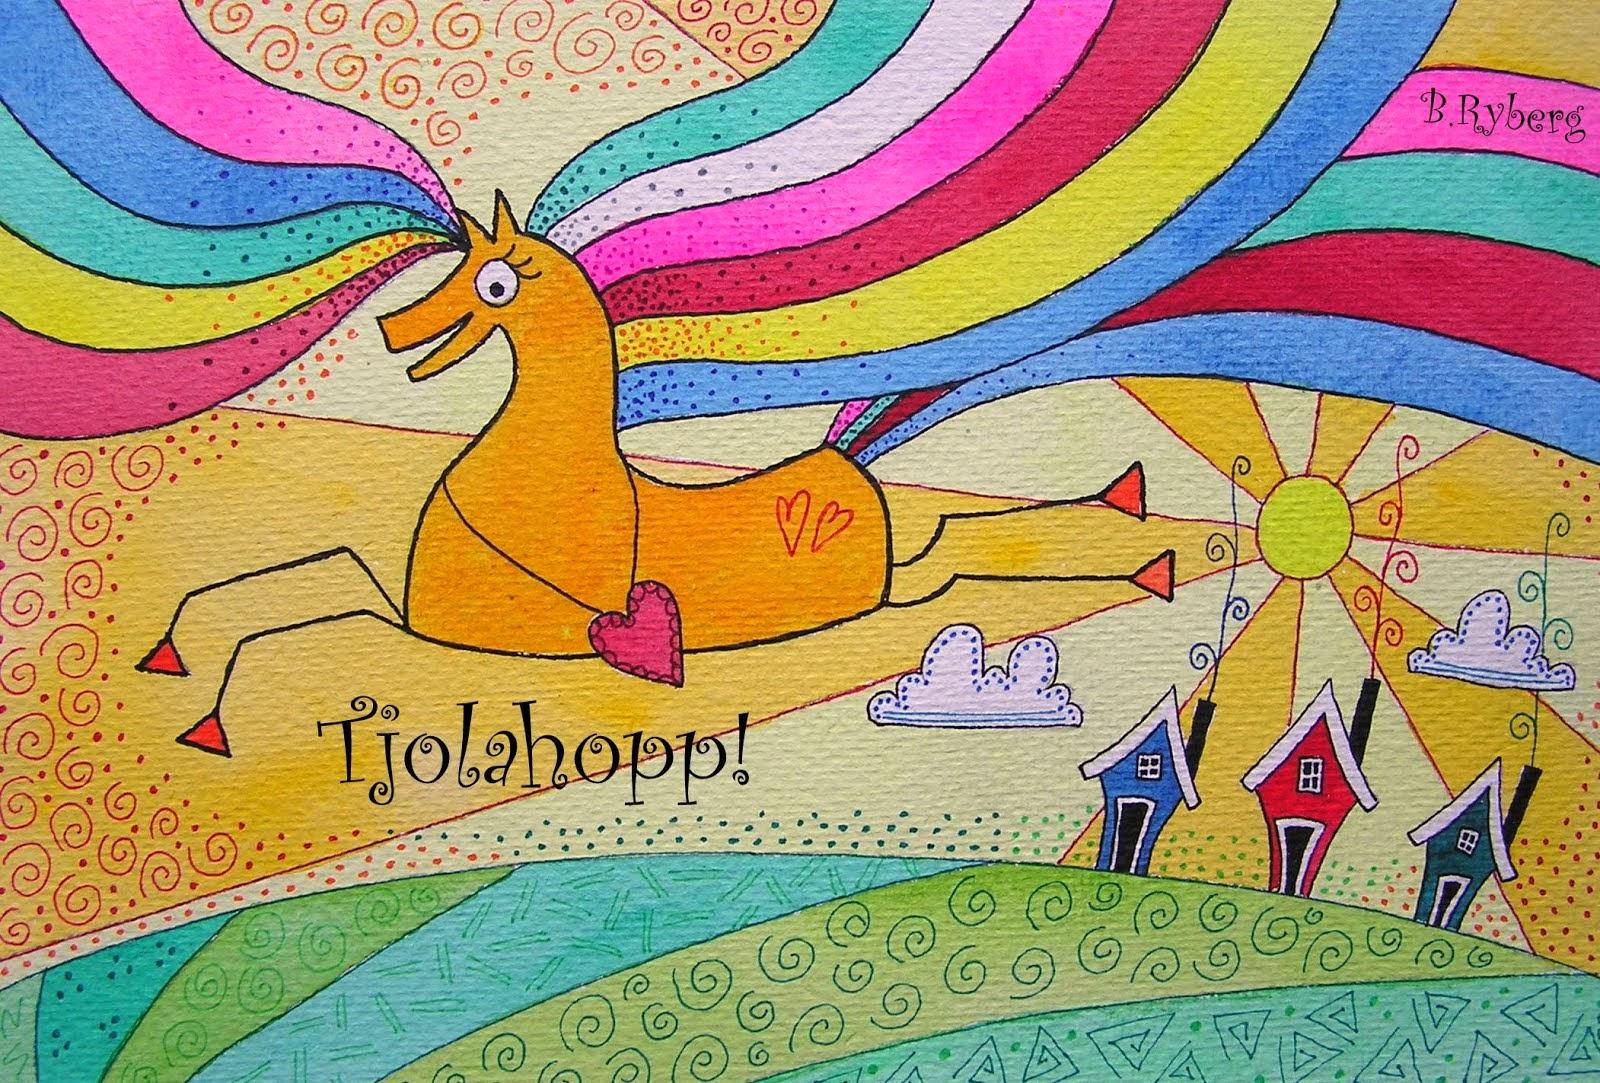 Tjolahopp